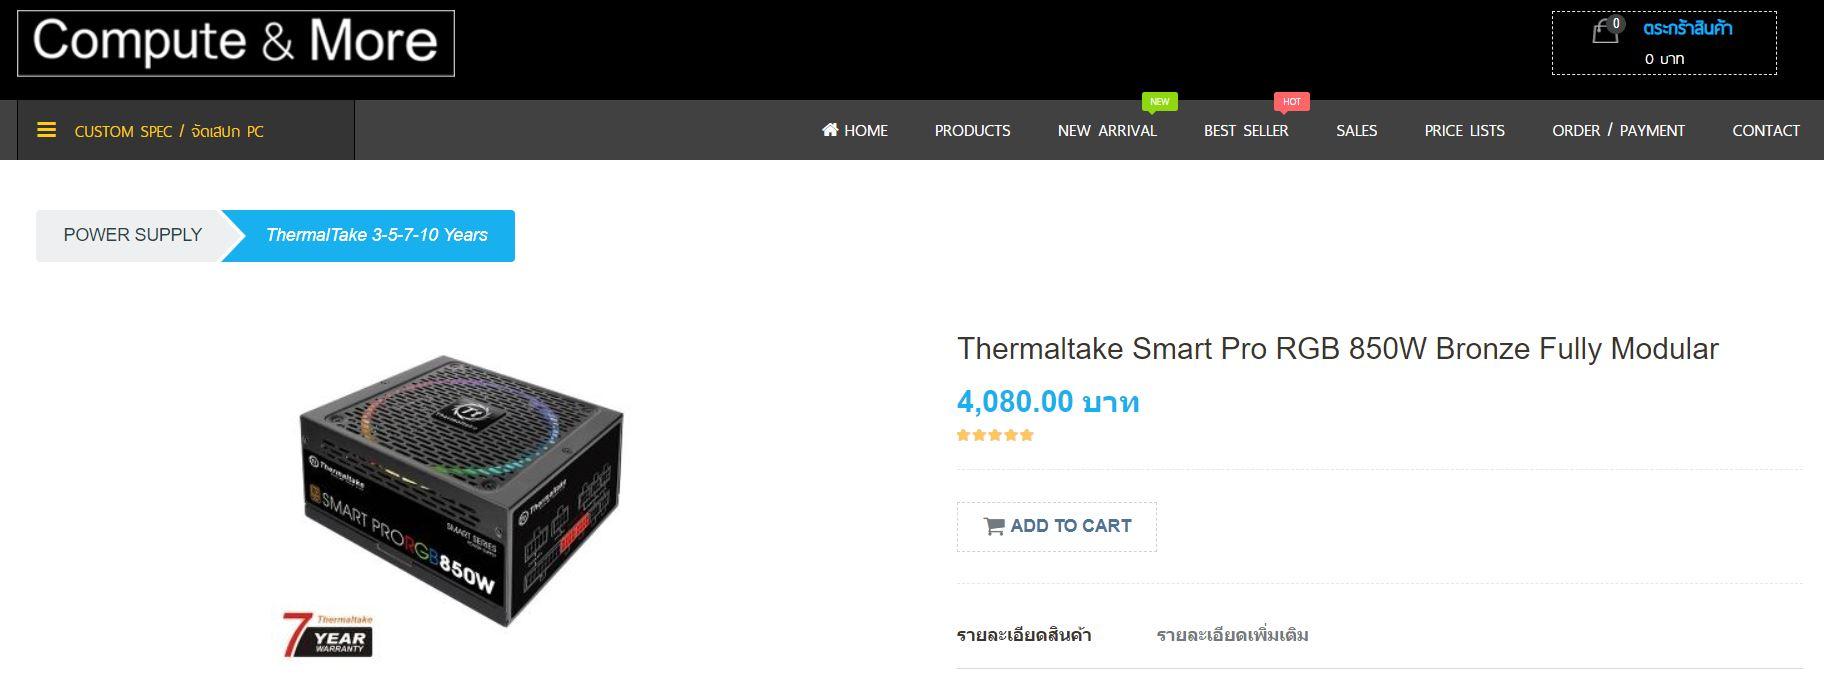 Tt smartpro RGB 850W